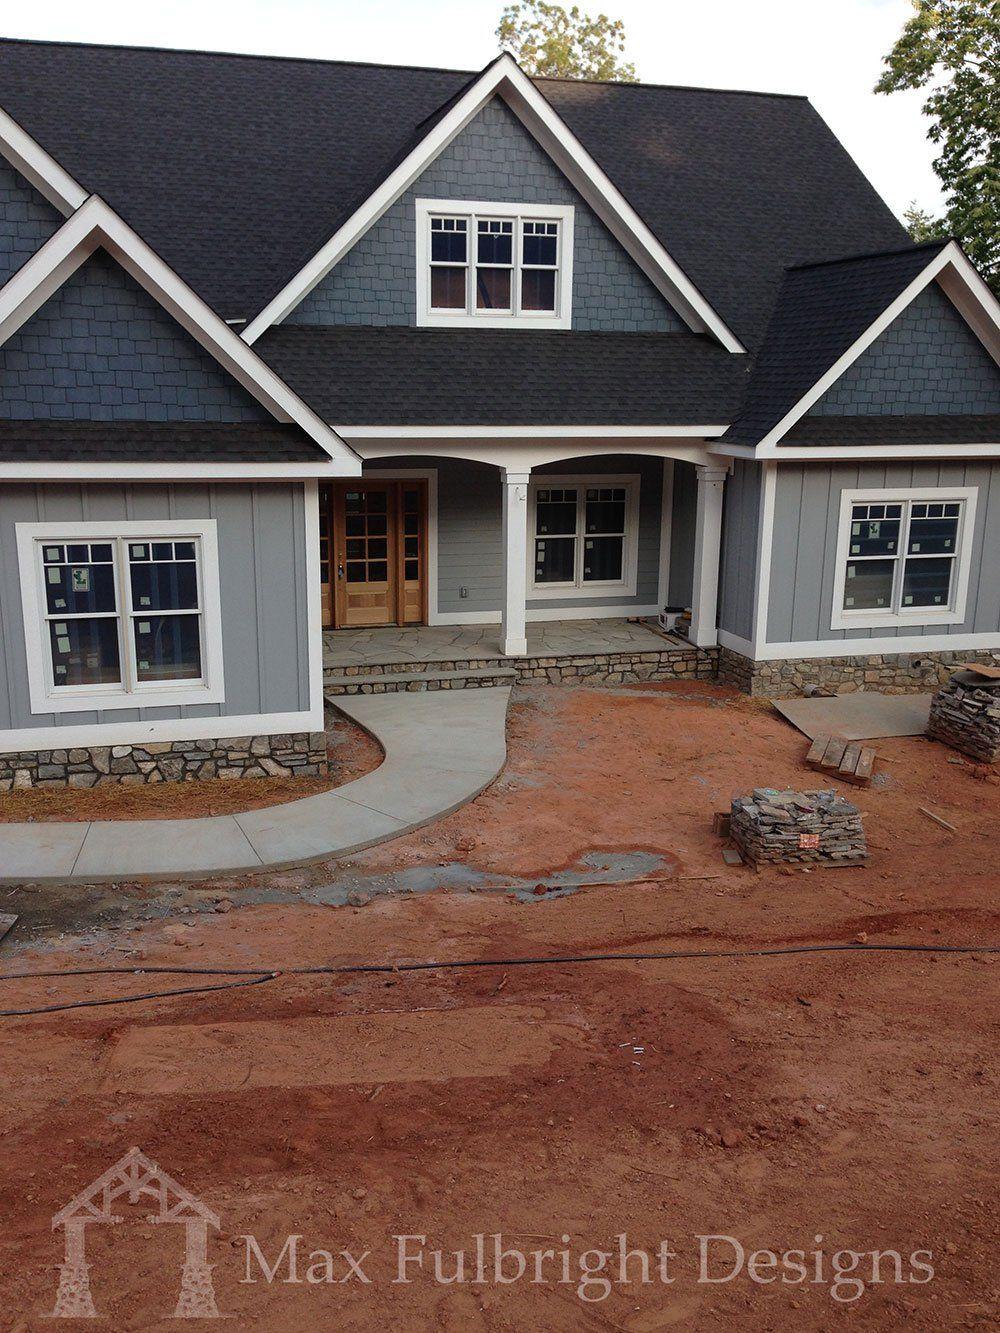 walkout basement cost on craftsman style lake house plan with walkout basement lake house plans lake houses exterior exterior house colors walkout basement lake house plans